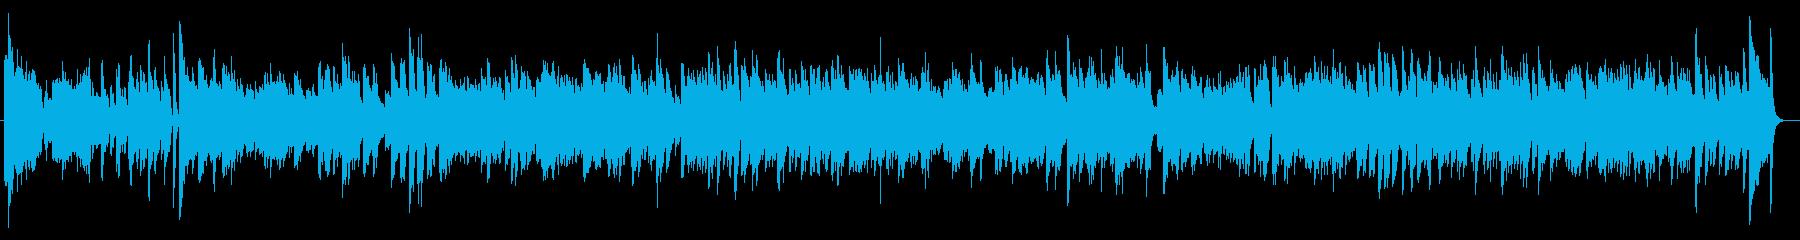 ピアノで弾くミディアムテンポの4ビートの再生済みの波形